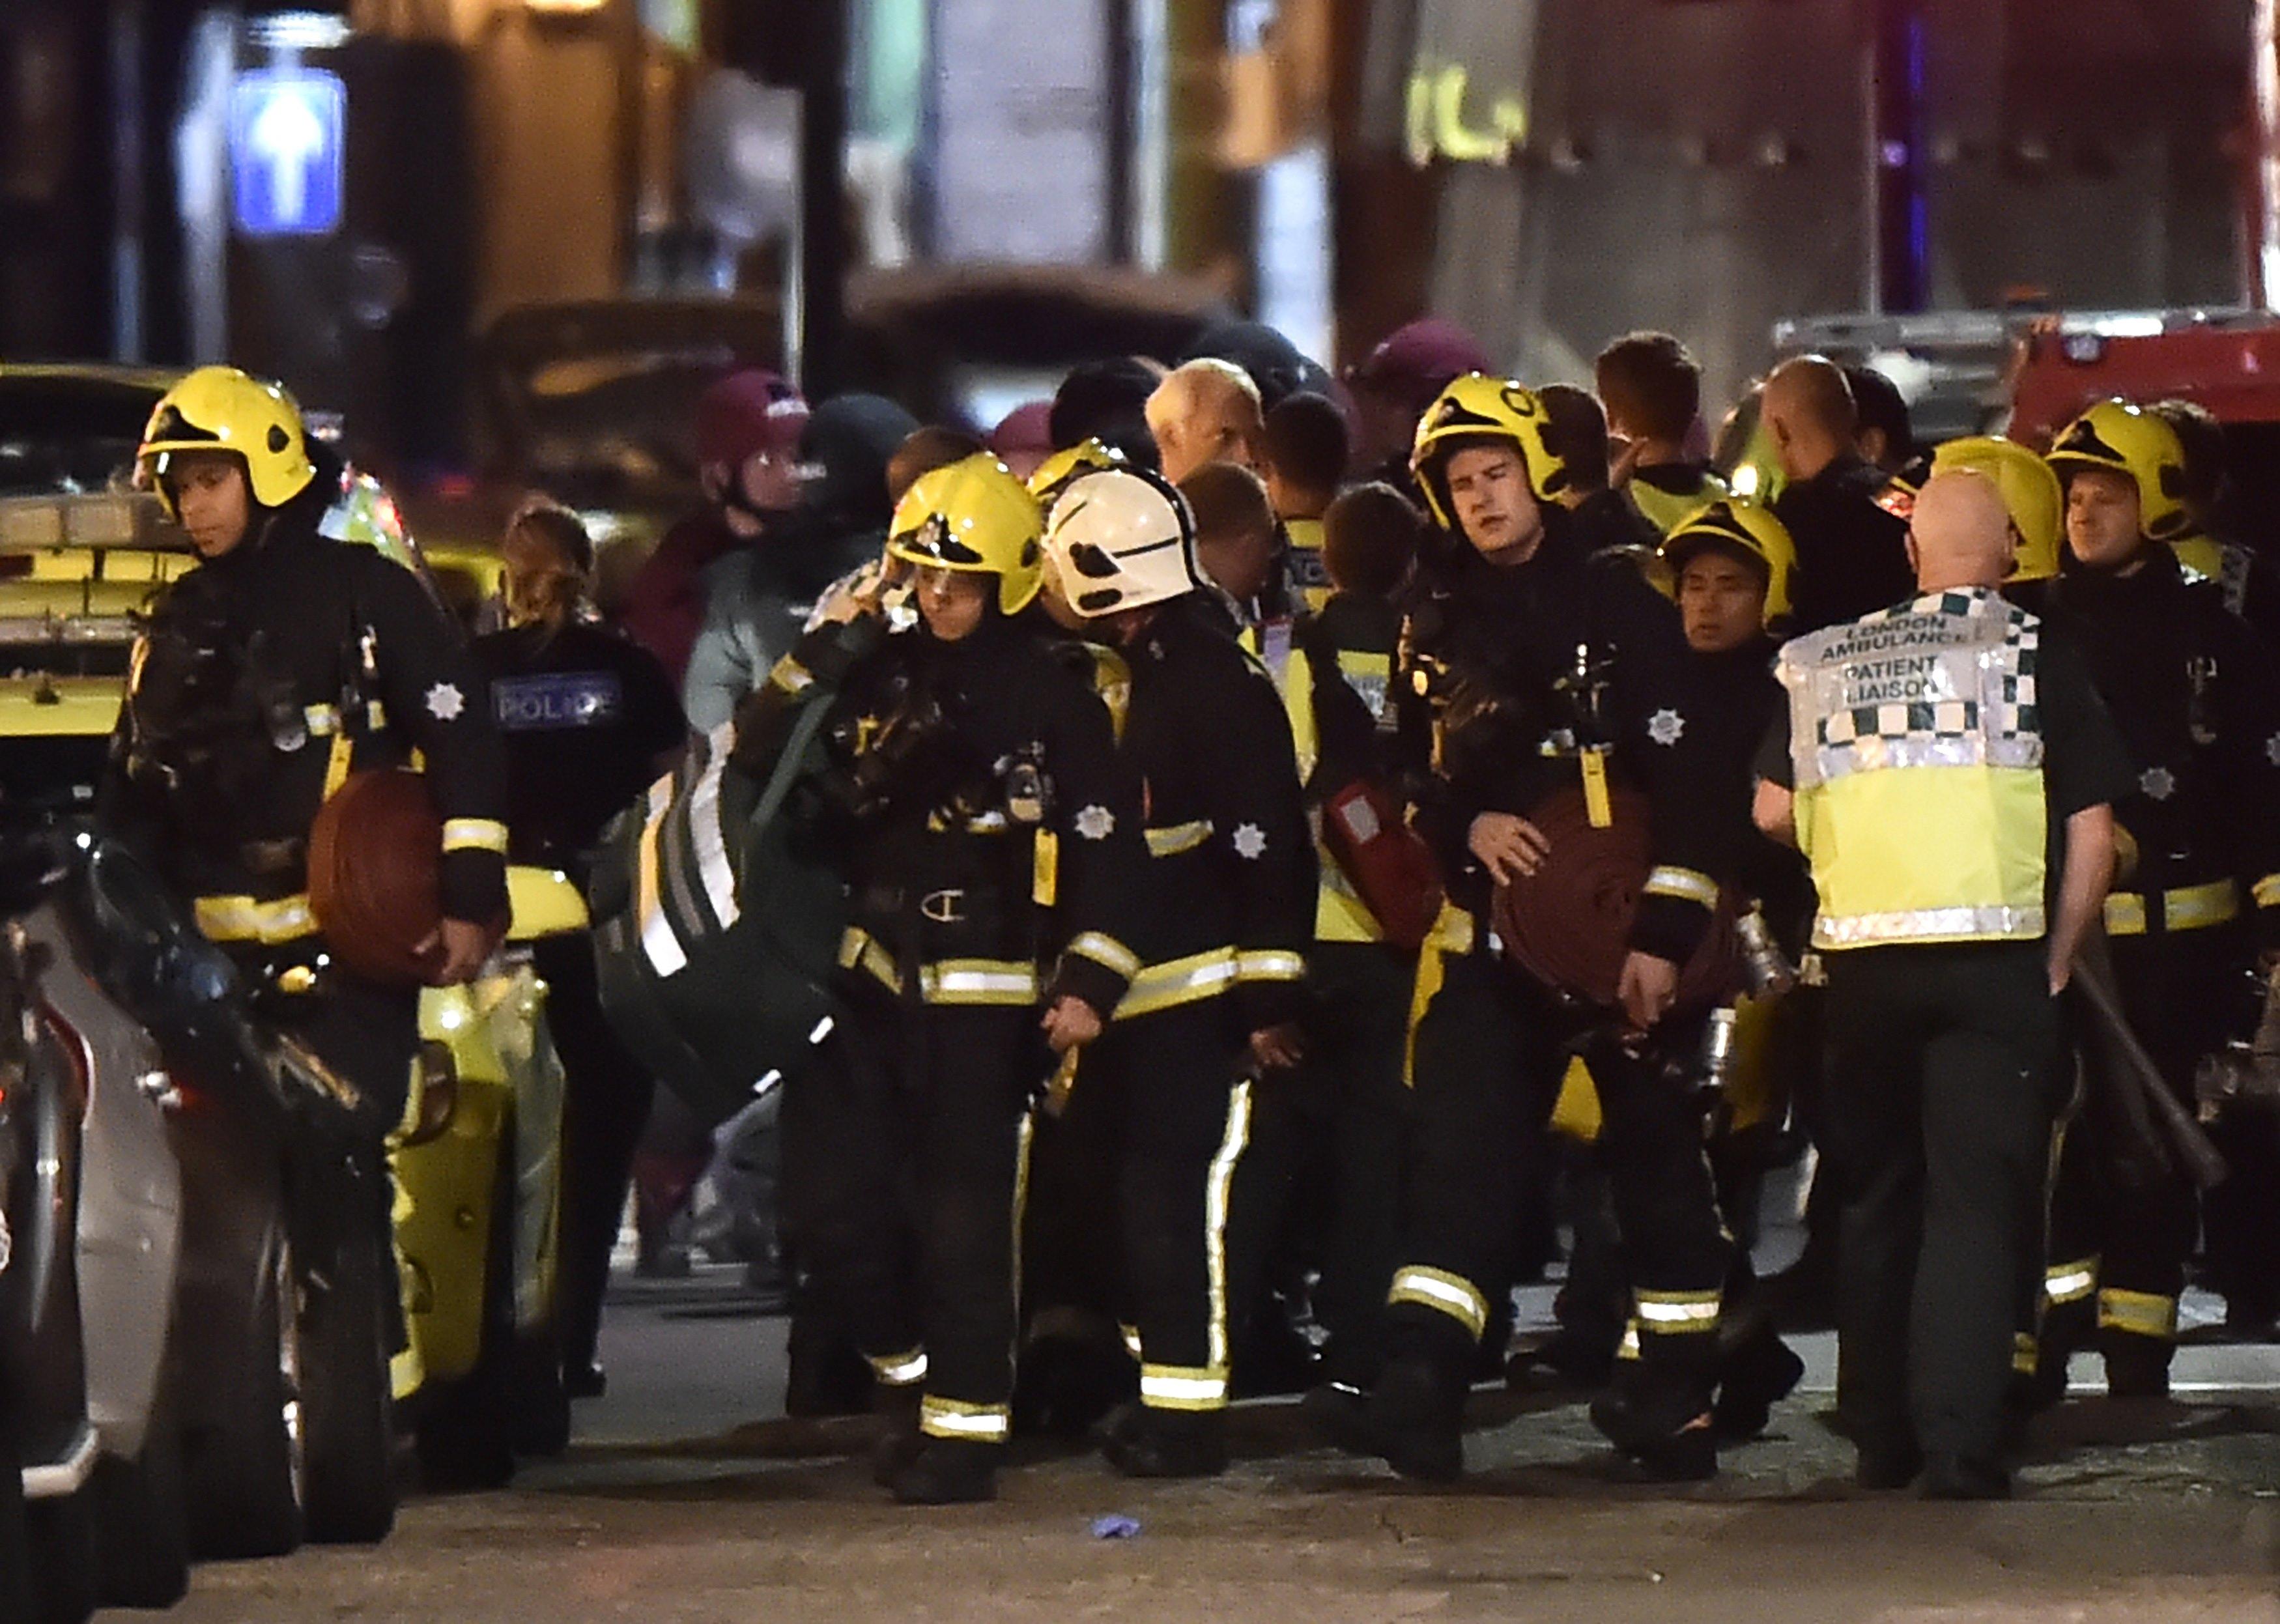 Rescue personnel assemble after an incident near London Bridge in London, Britain June 4, 2017. REUTERS/Hannah Mckay